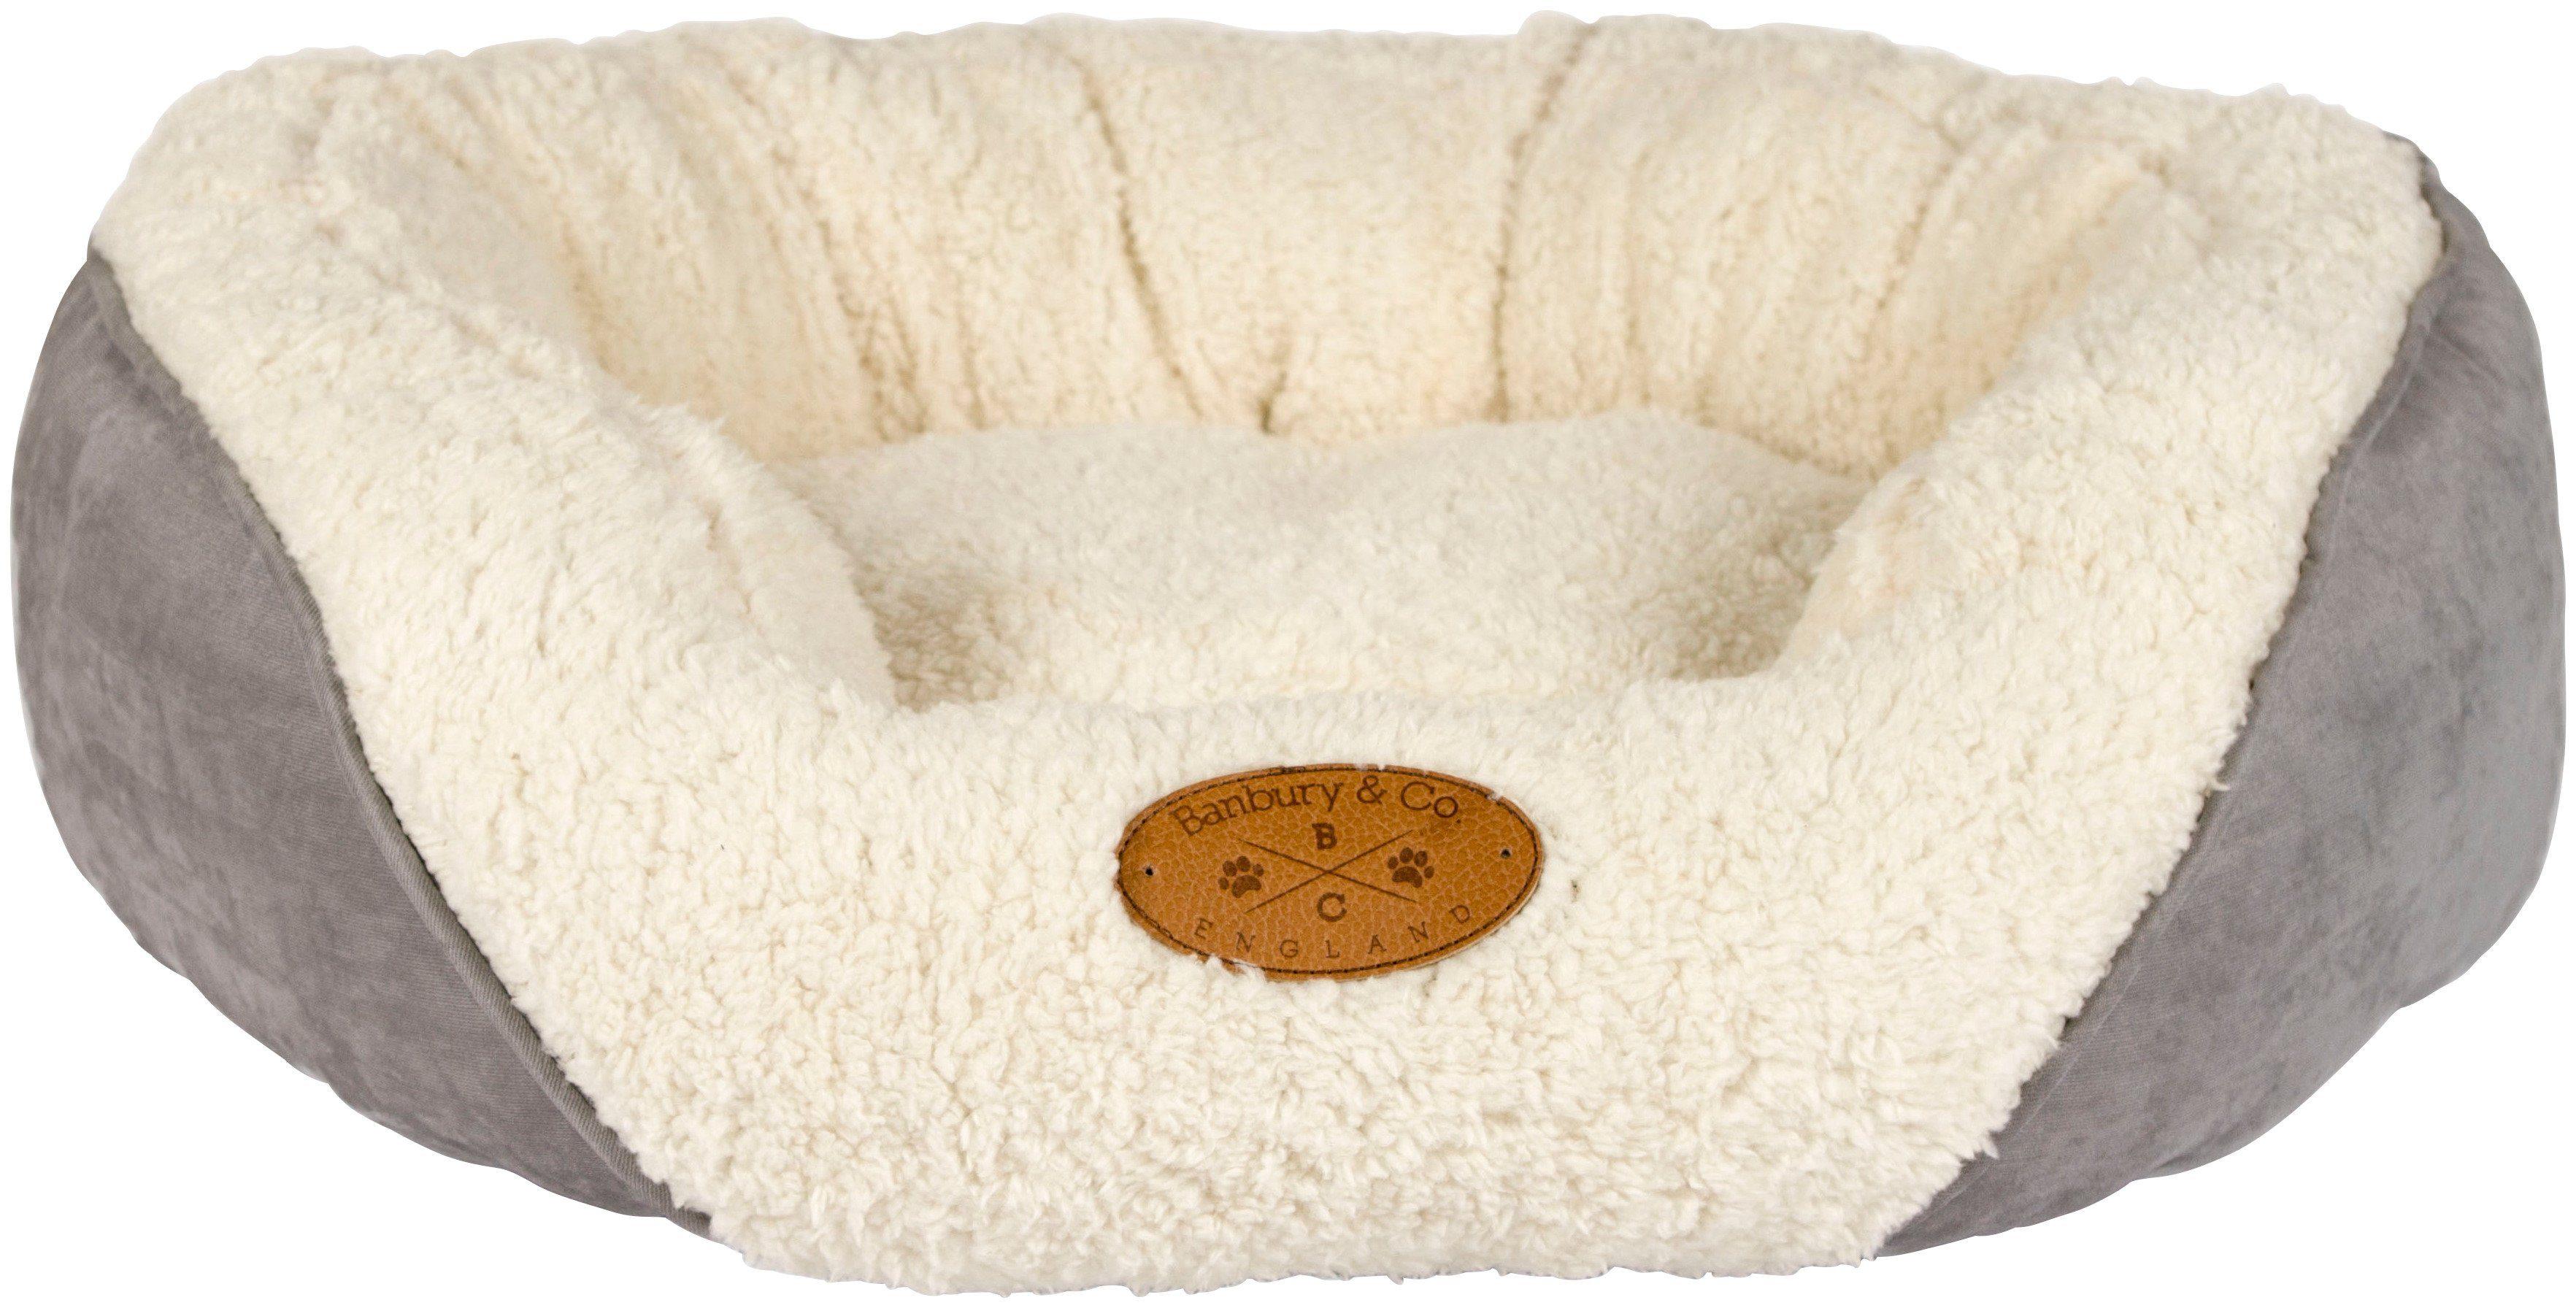 Hunde-Bett »Banbury Gr. M«